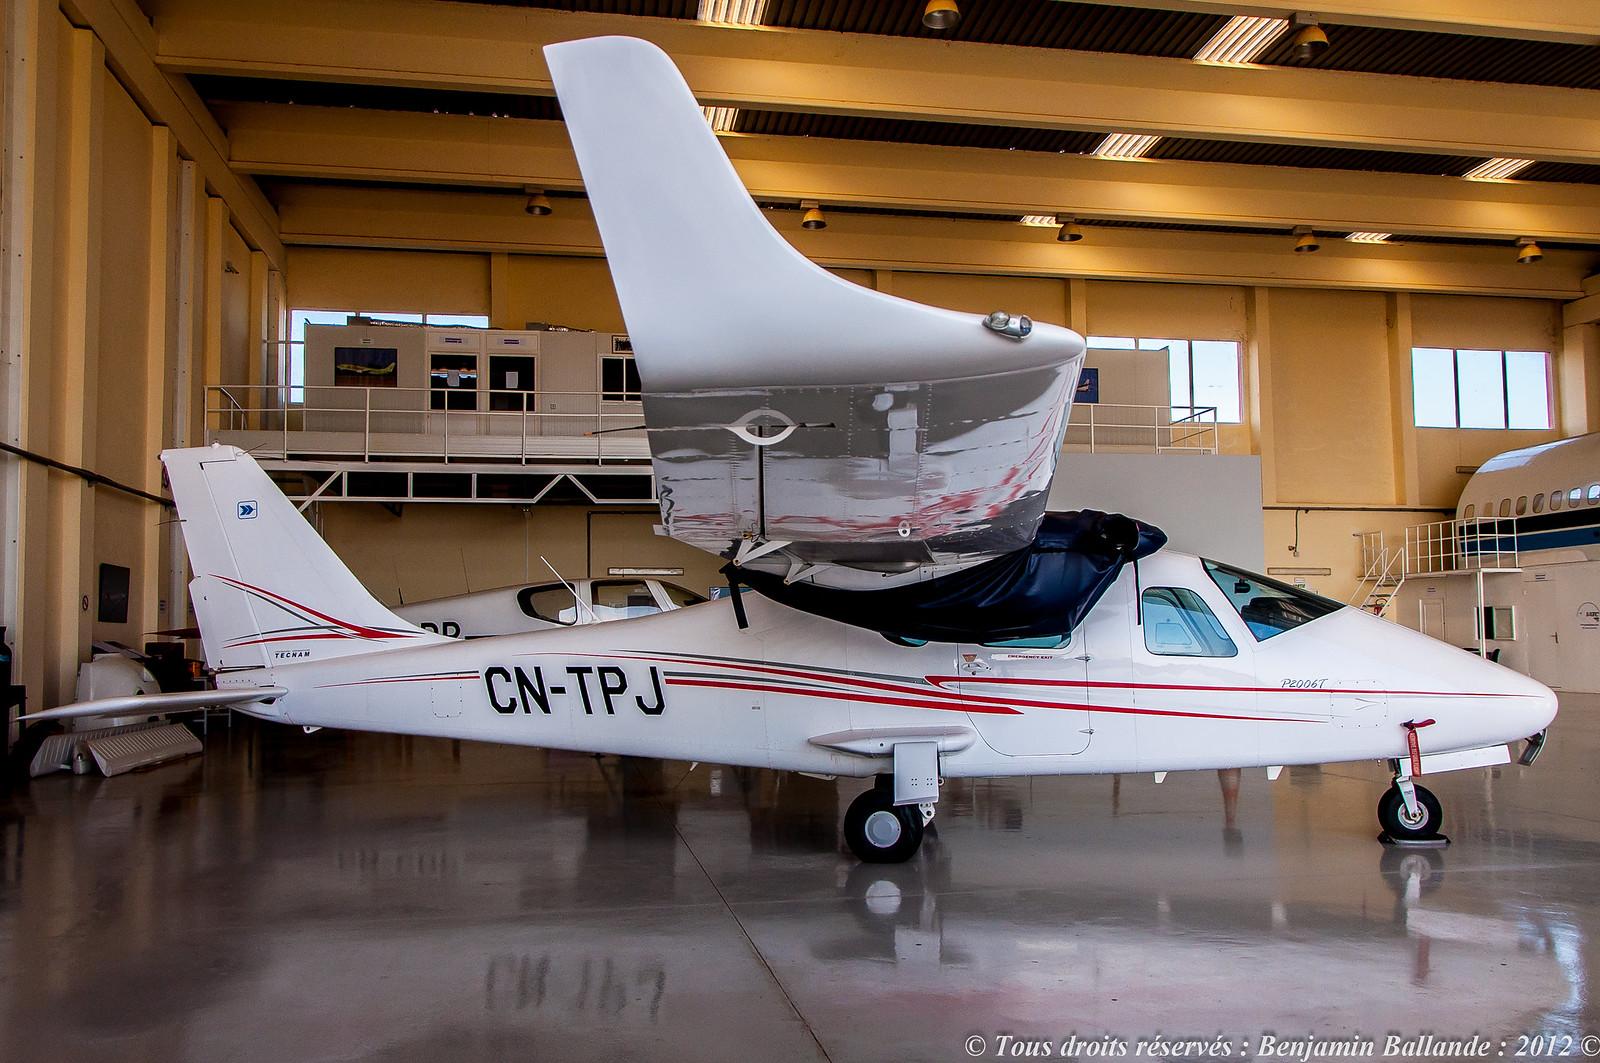 Photos des avions immatriculés au Maroc (CN) 8035189520_42598a5c97_h